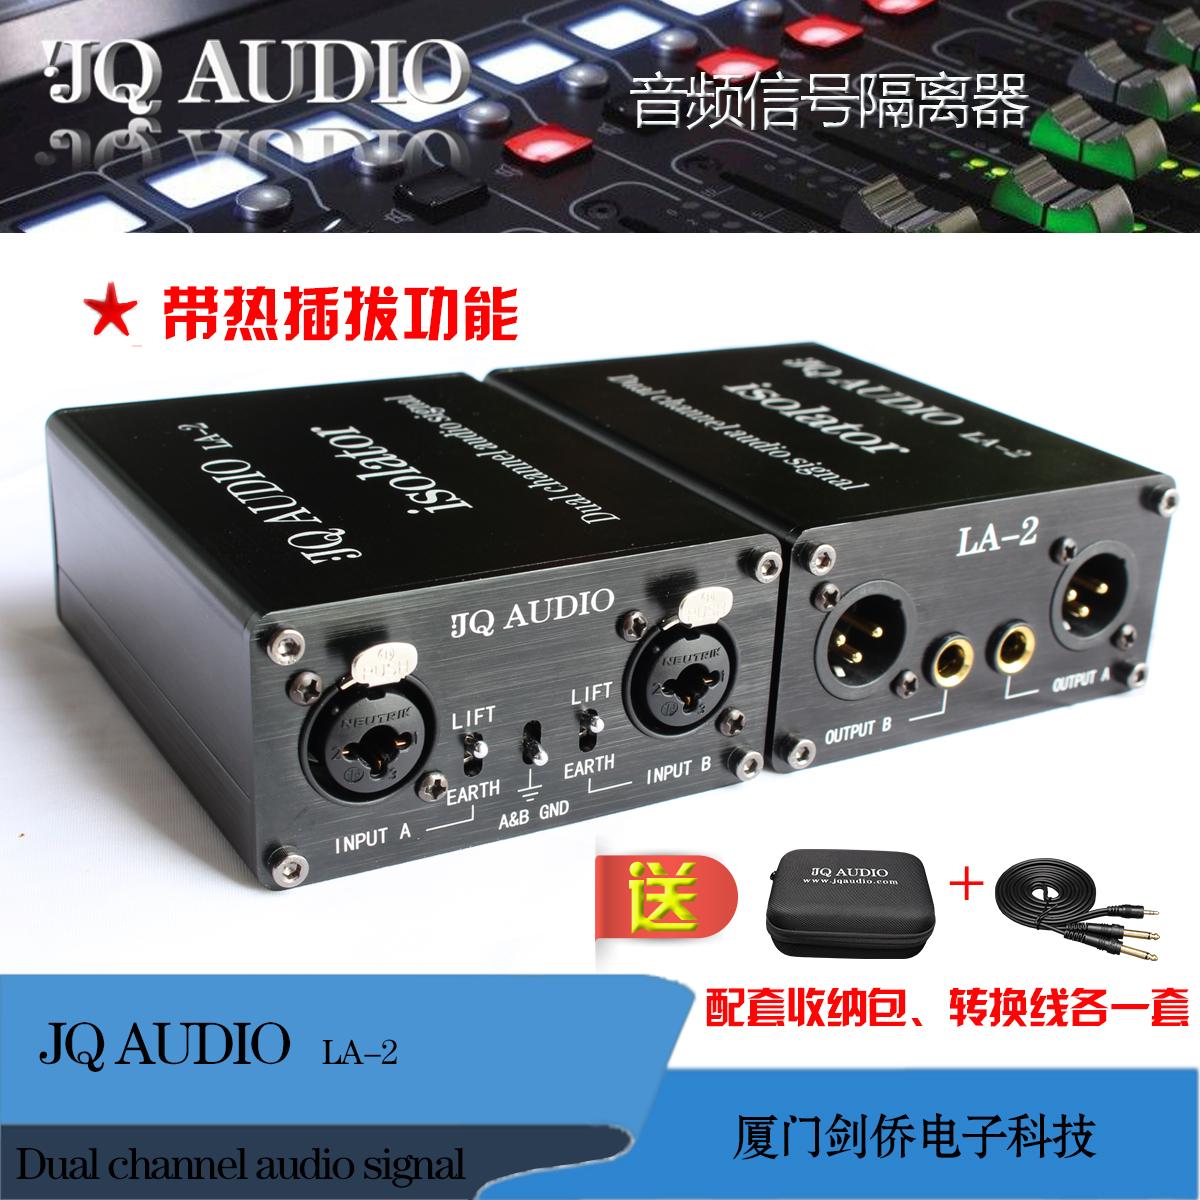 JQAUDIO LA-2 звуковая частота изоляция устройство специальность звуковая частота сигнал фильтр волна устройство ликвидировать кроме звук электрический ток звук шум звук